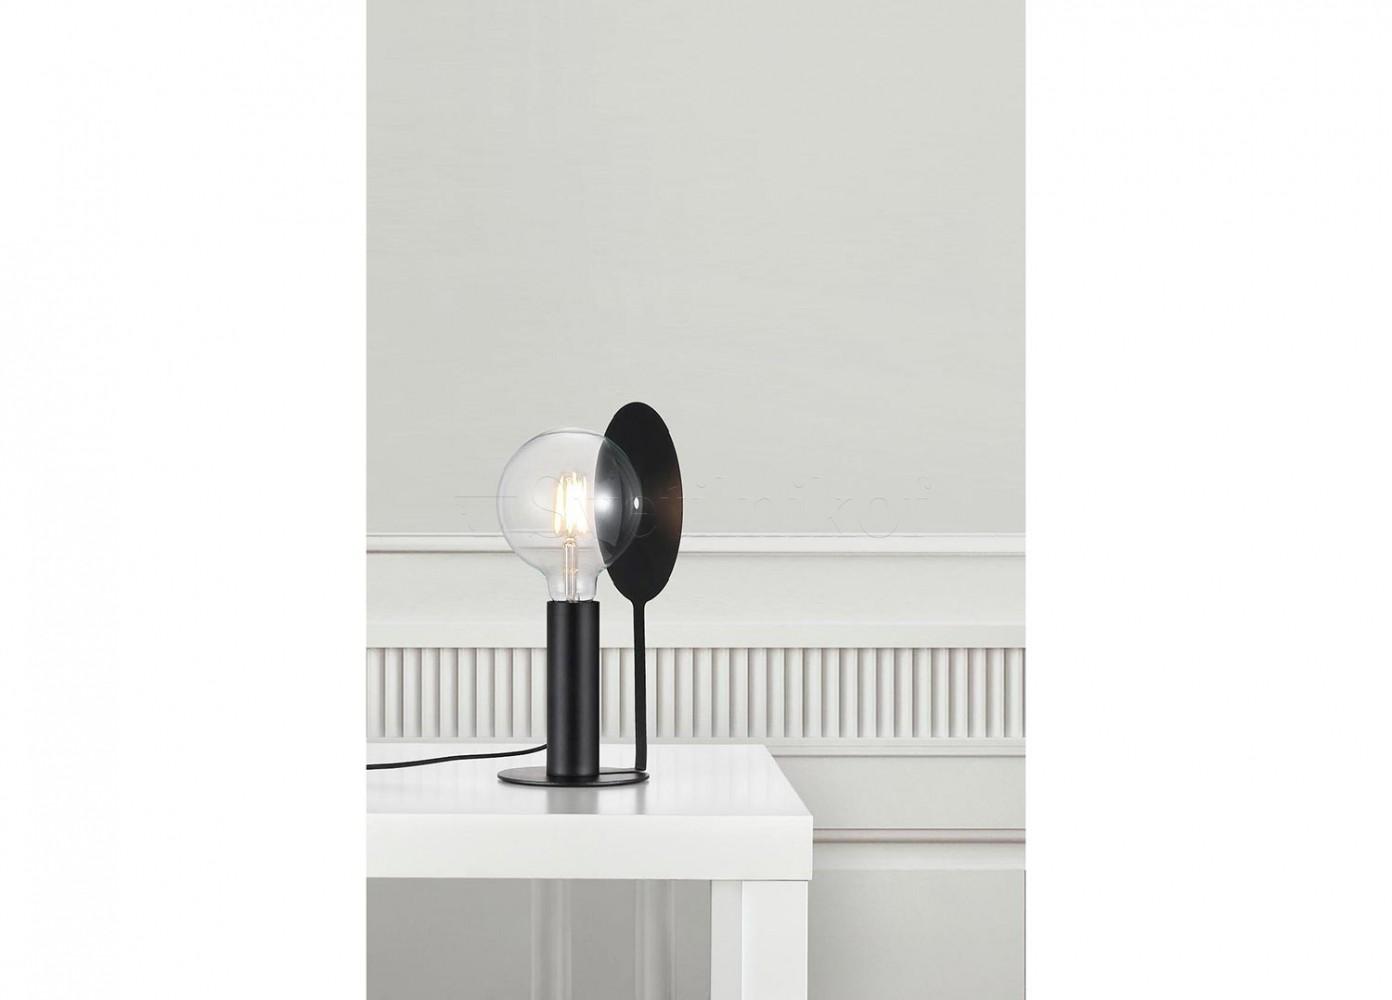 Настольная лампа Nordlux Dean Disc 46625003 - 1